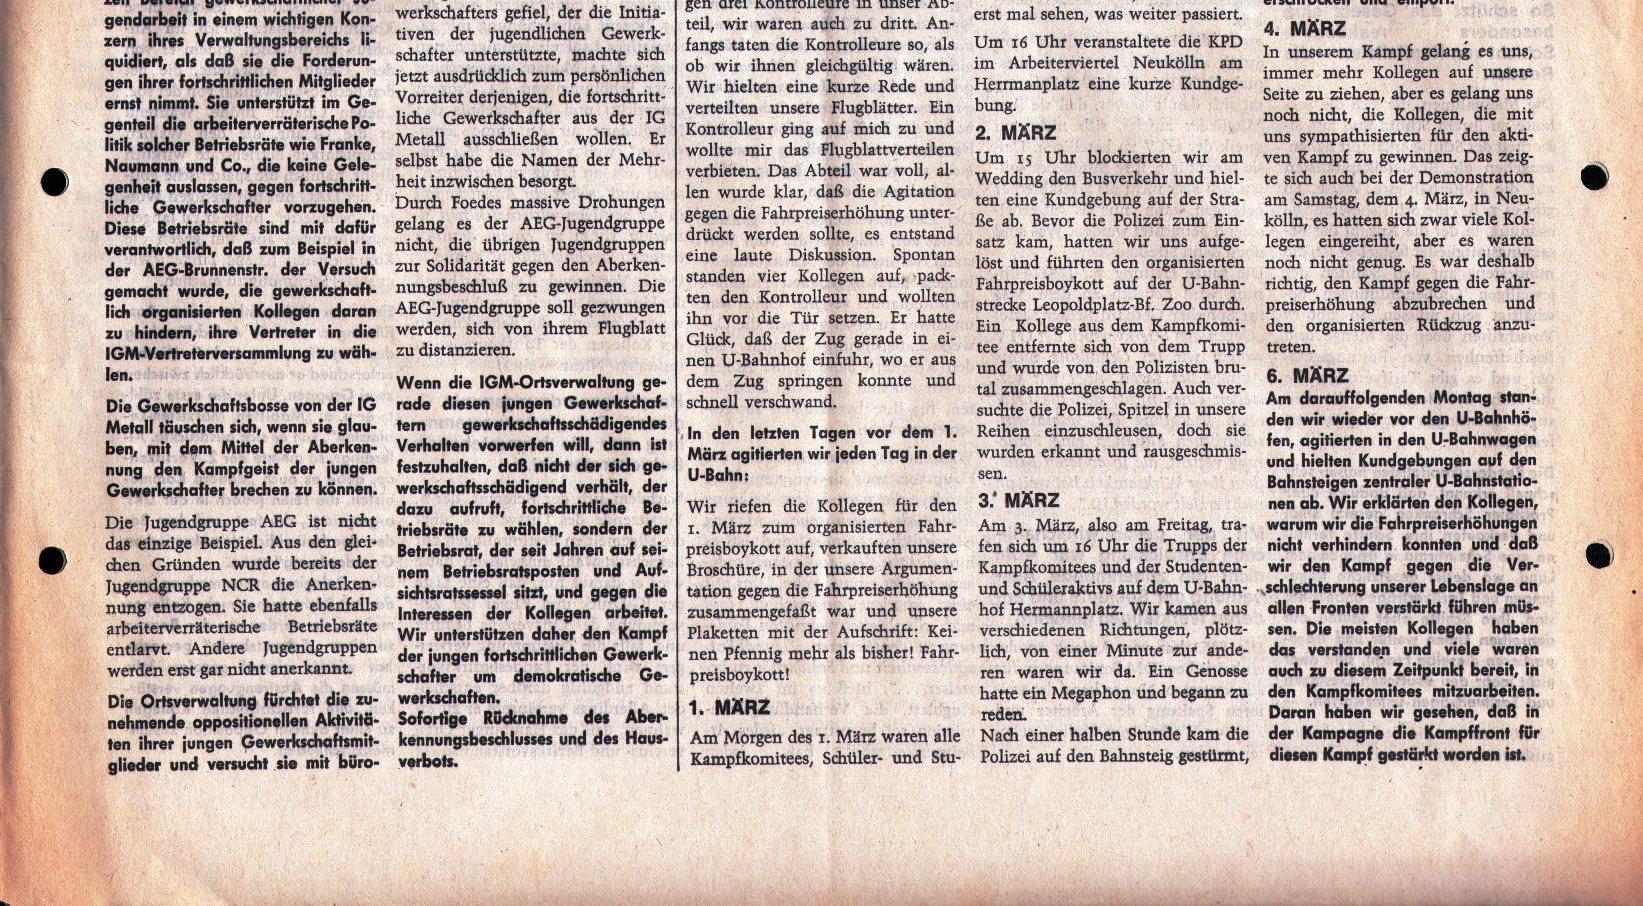 KPD_Rote_Fahne_1972_39_10